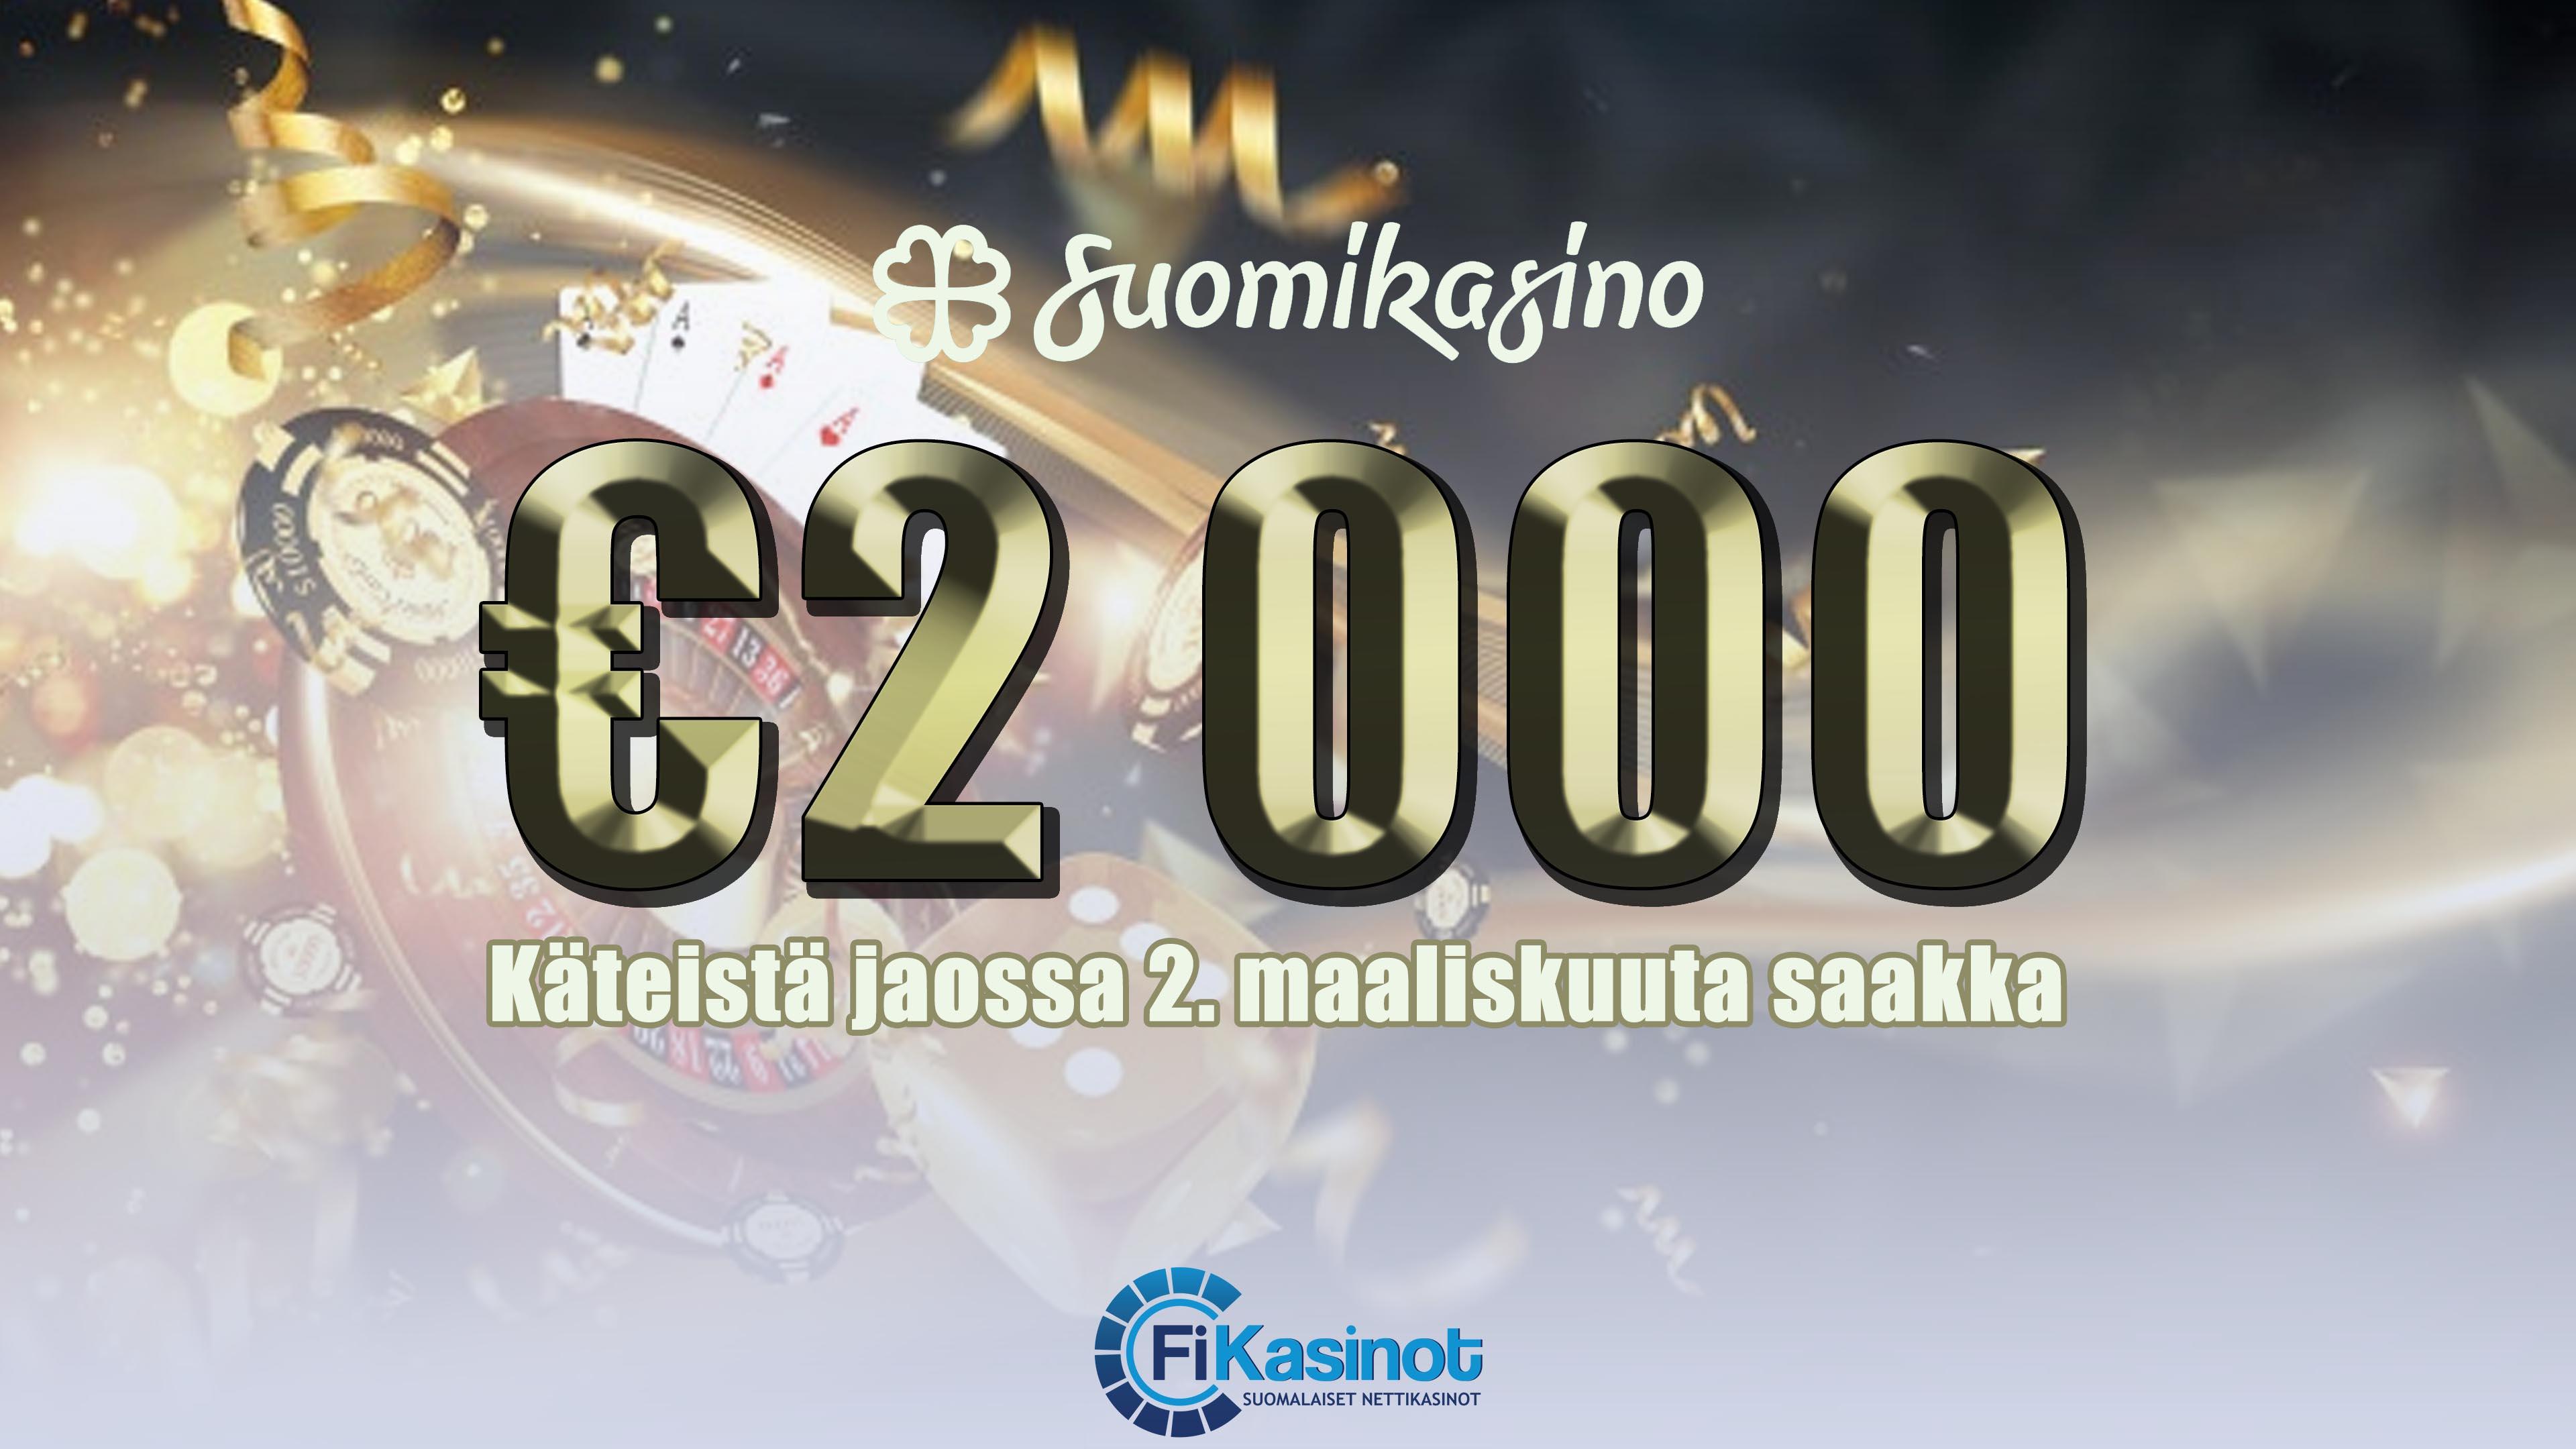 Suomikasinon 2 000 euron käteiskisa